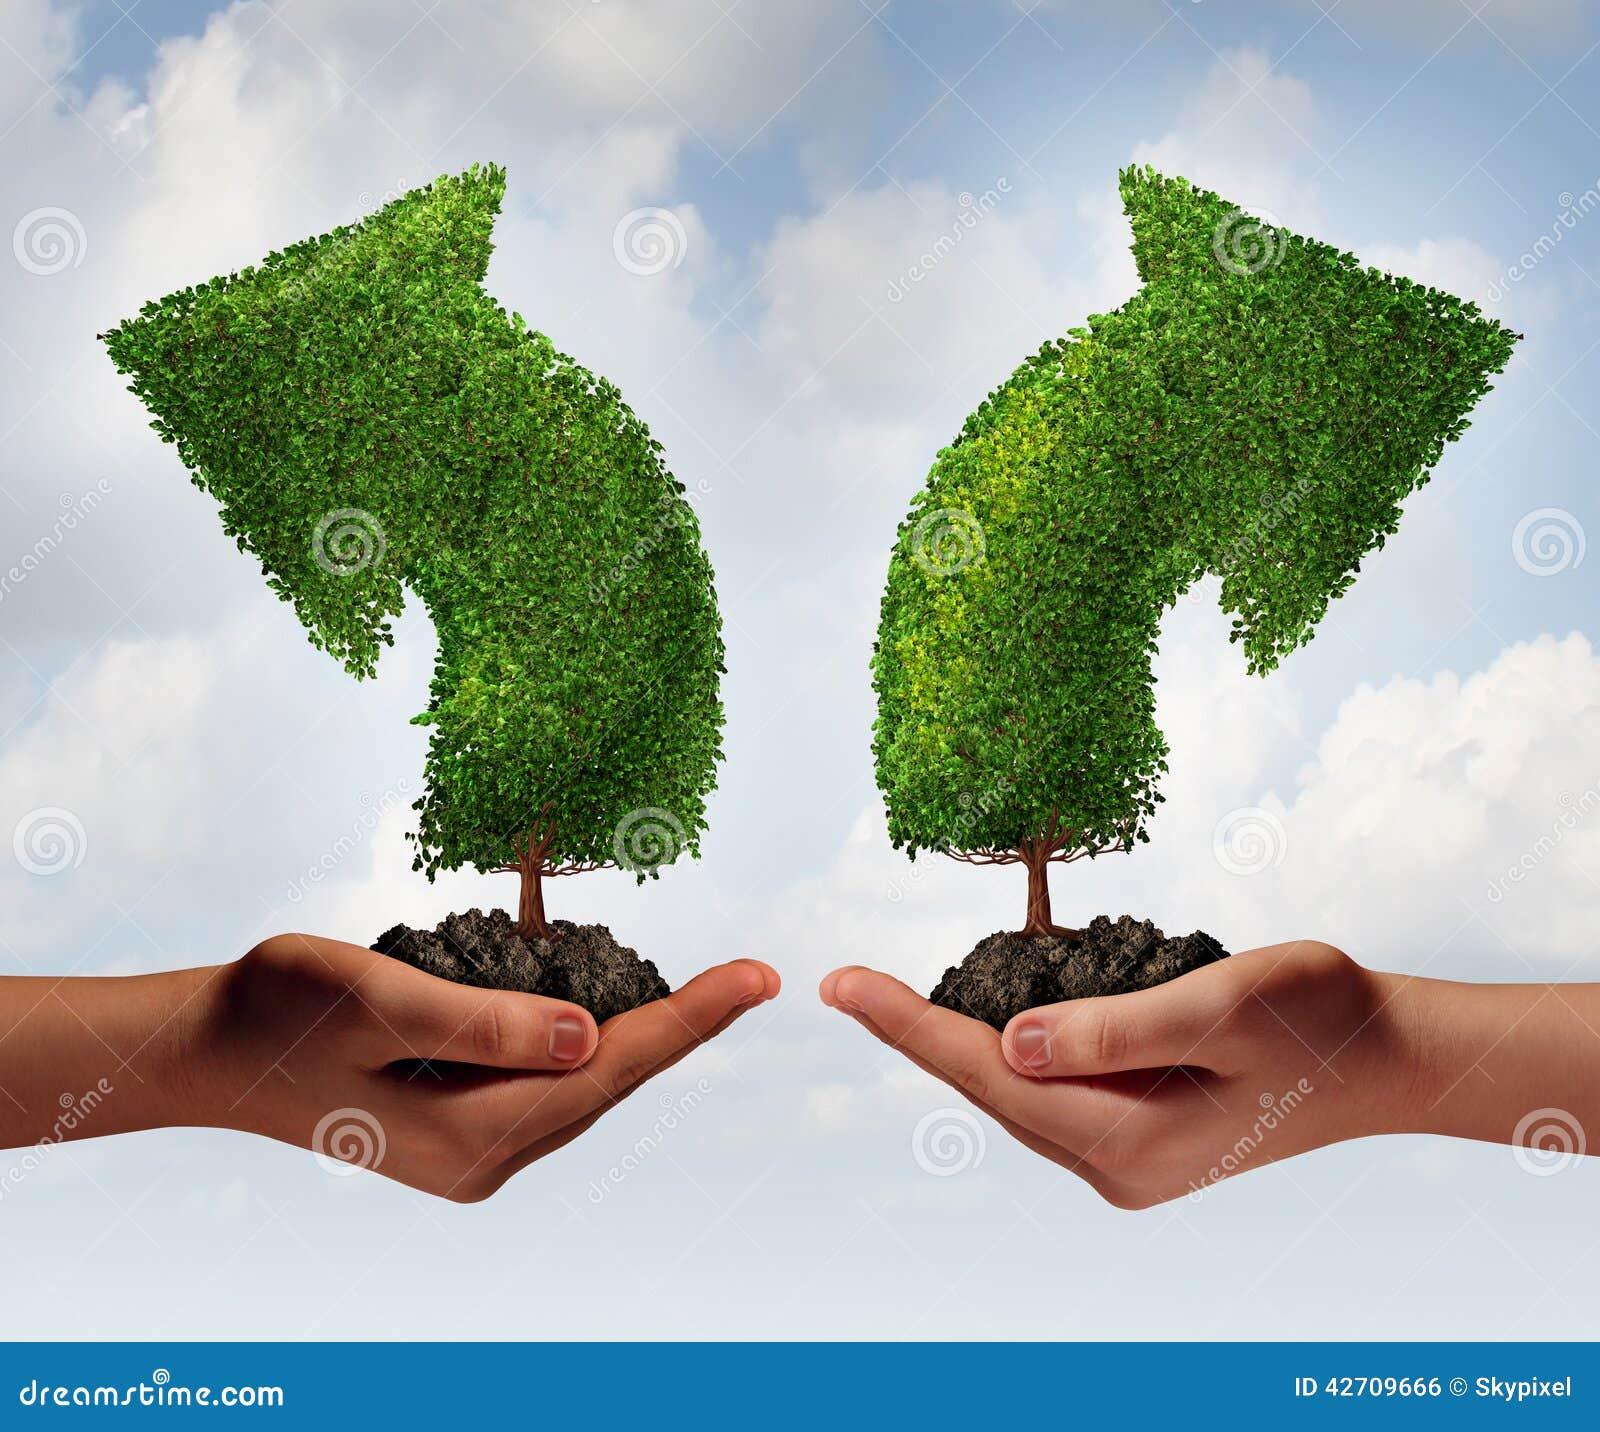 Wachstums-Wahl